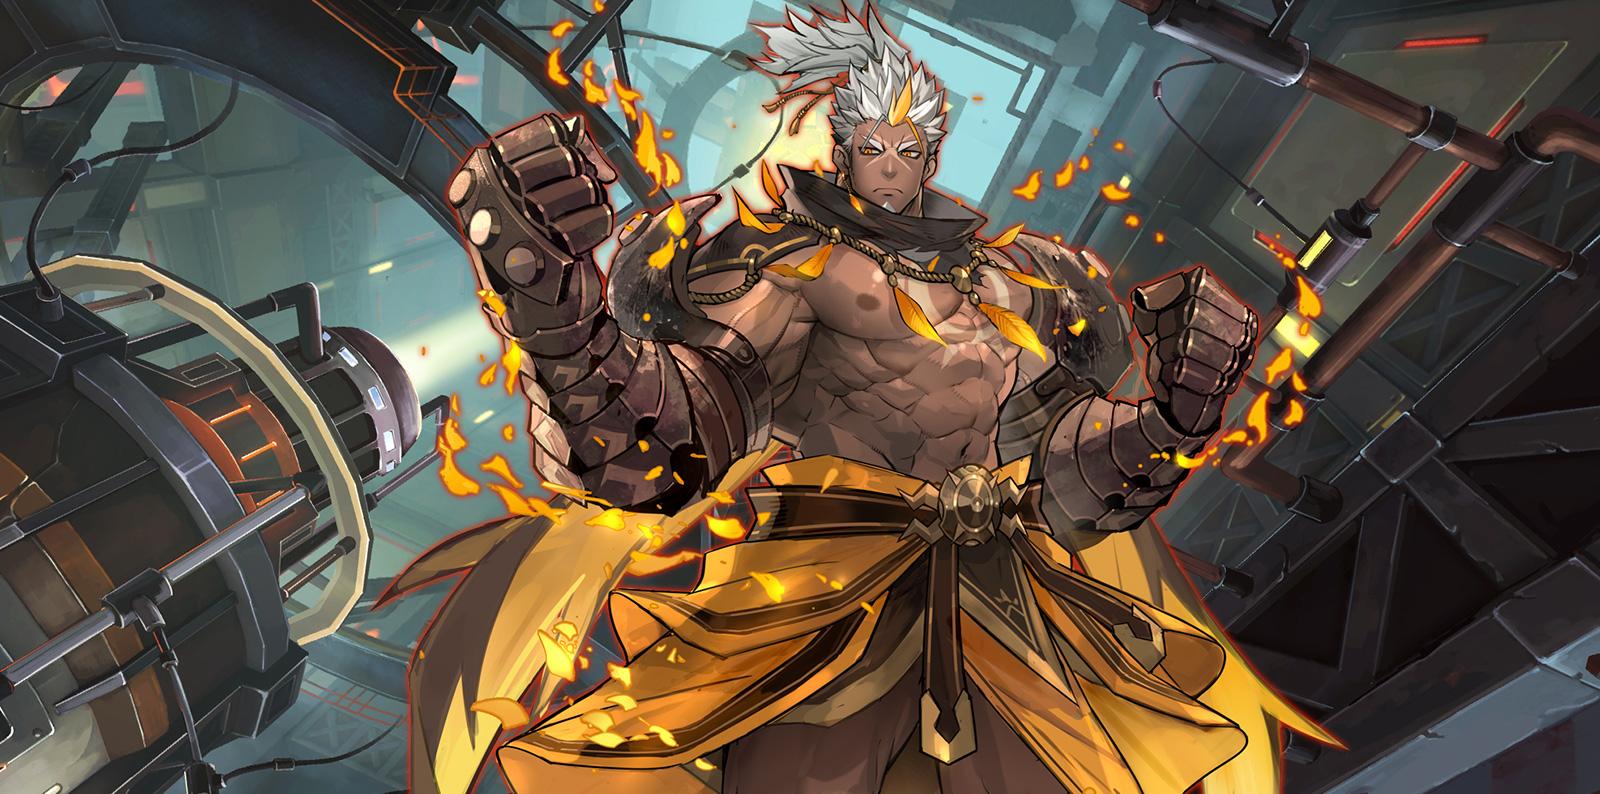 6月25日更新公告:新蓋伊隆、比澤爾虹彩、凱烏斯泳裝-chouka_The_Iron_Fist_of_black_fire0.jpg